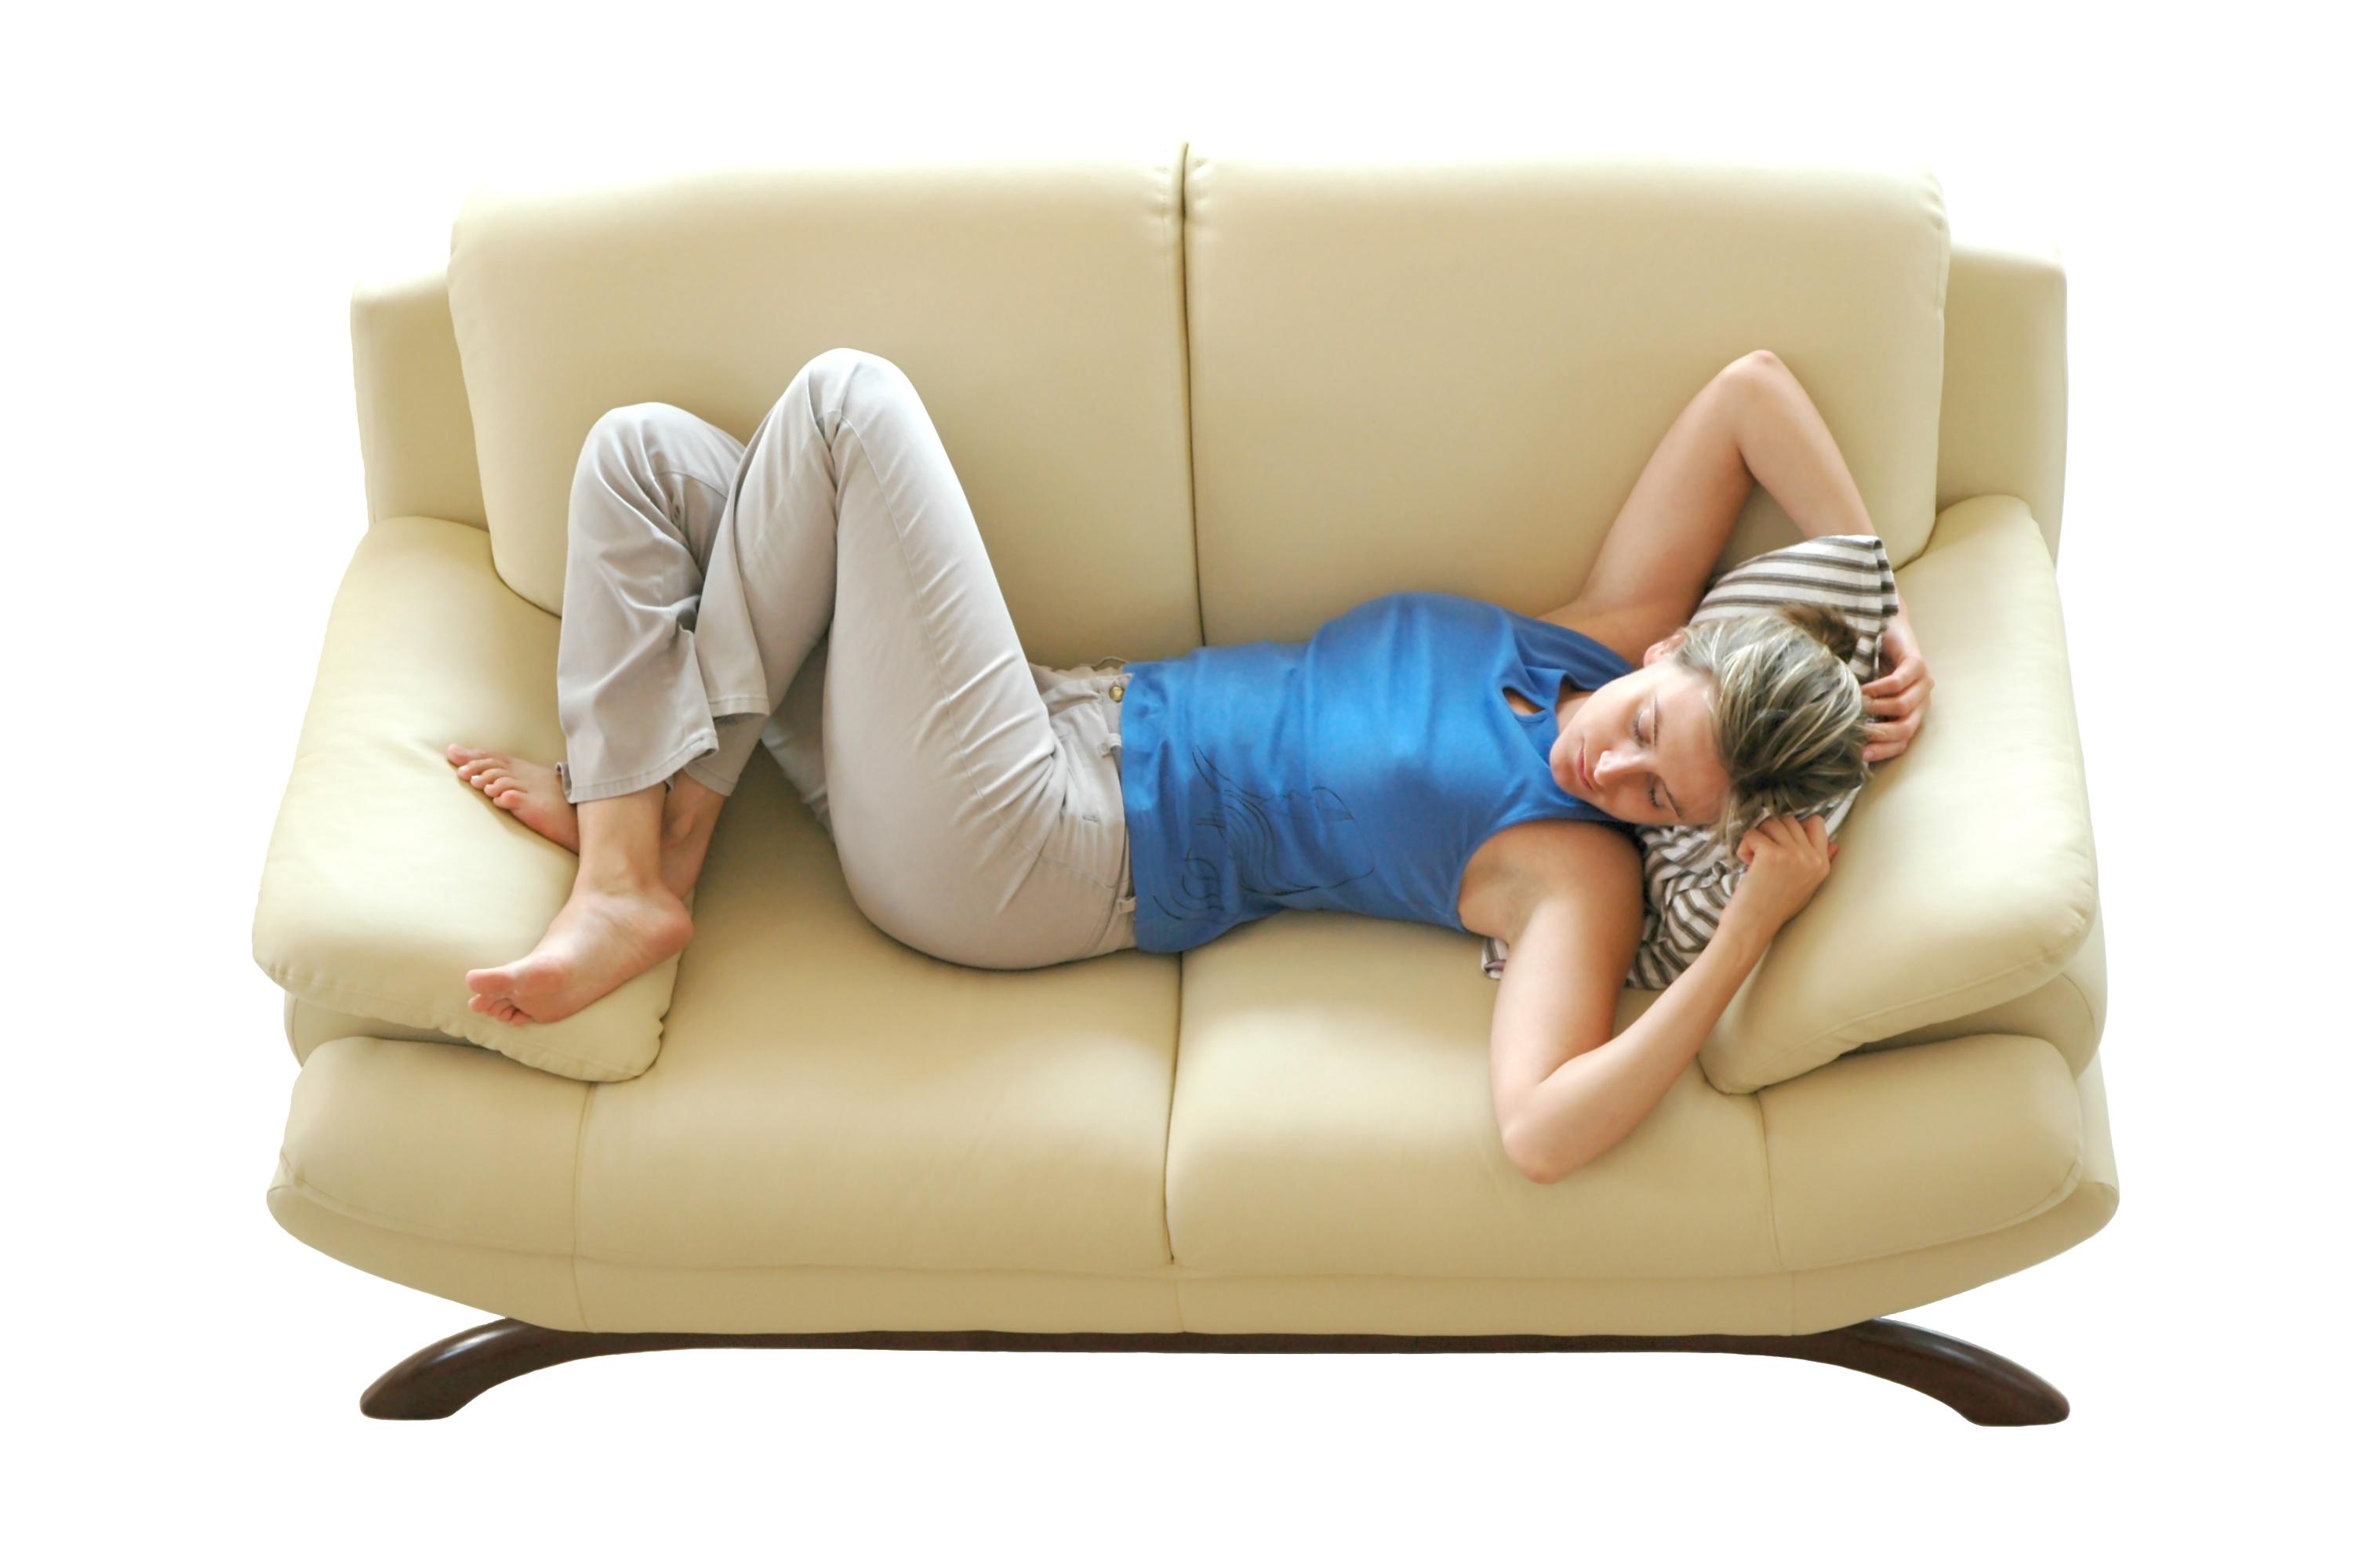 Nejčastější poruchy spánku, o kterých možná ani nevíte